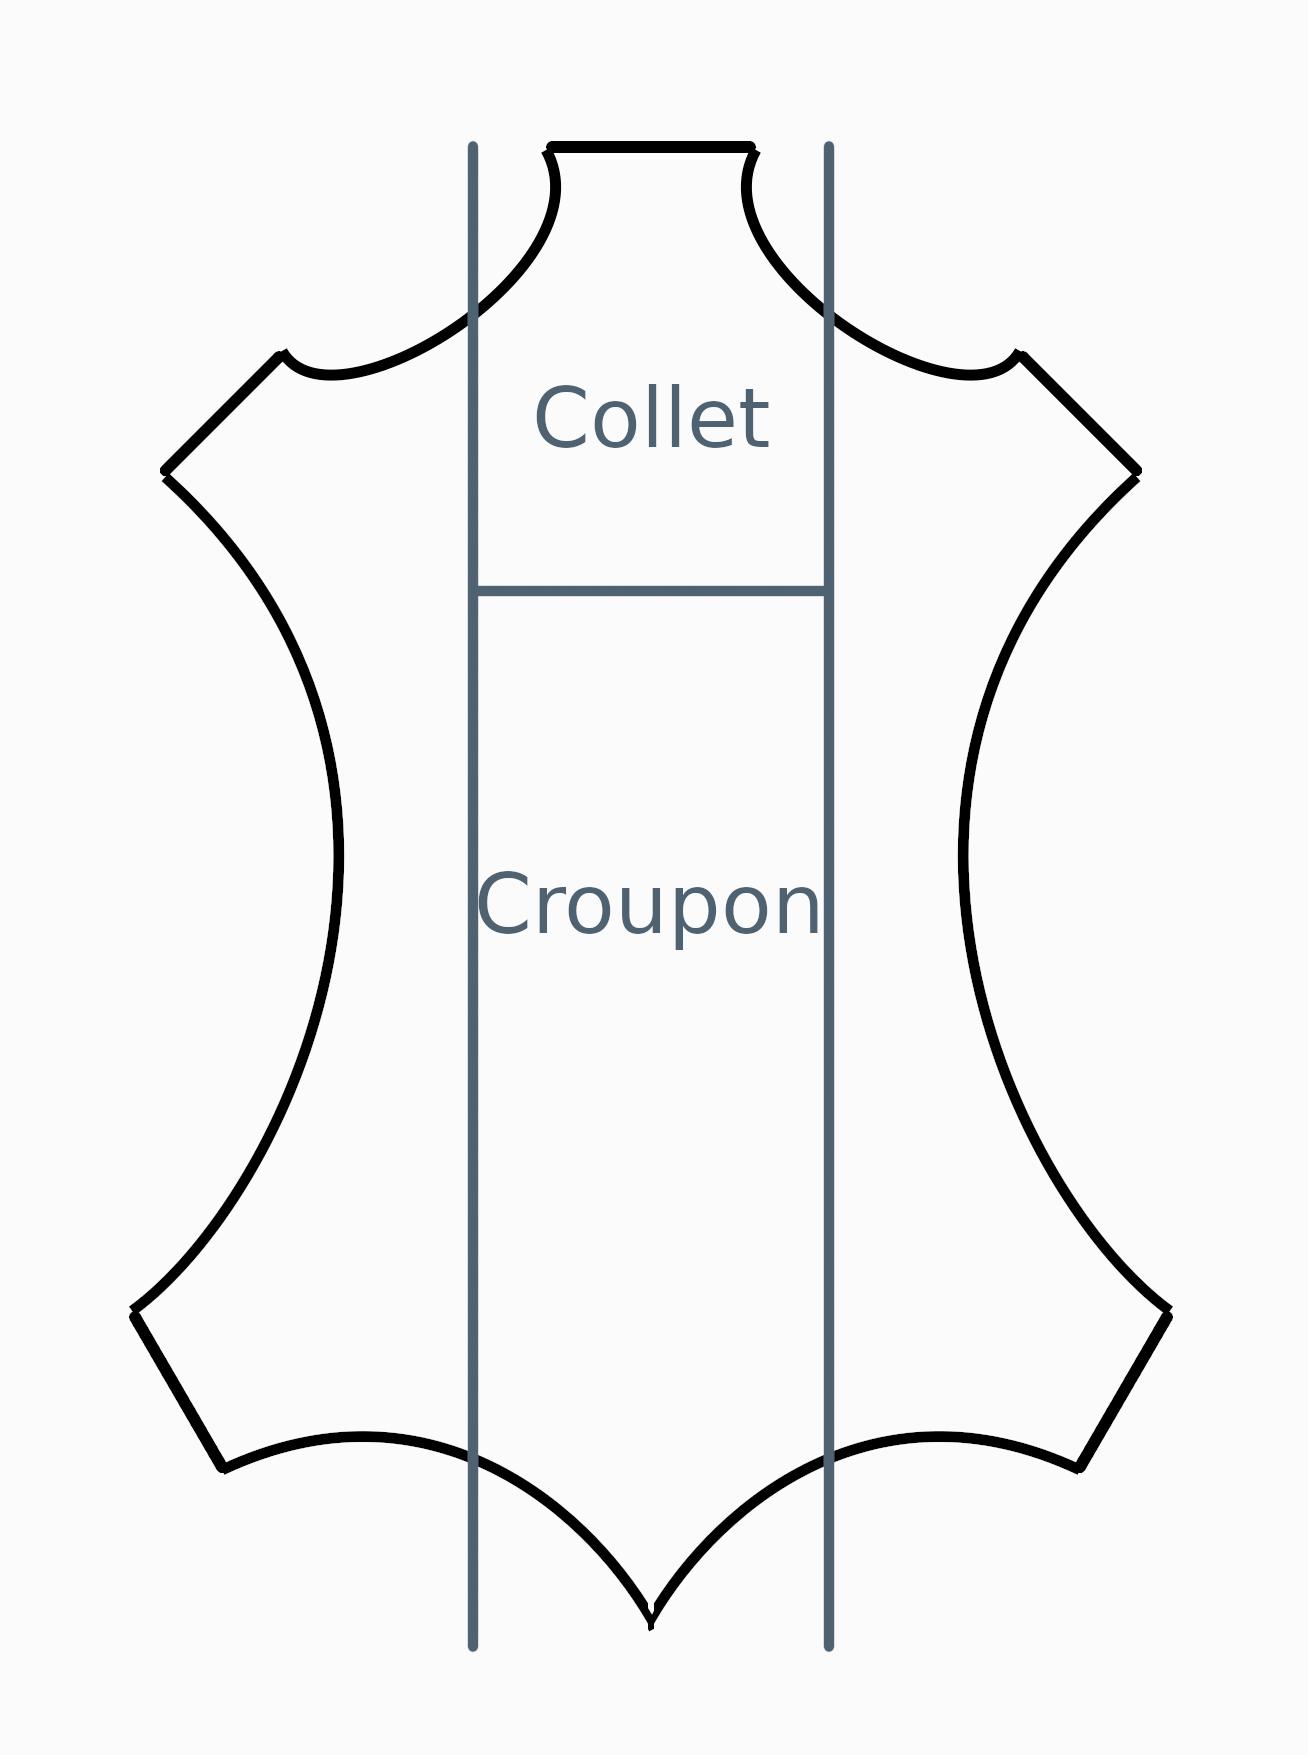 schéma pour montrer où se situent le collet et le croupon sur un cuir